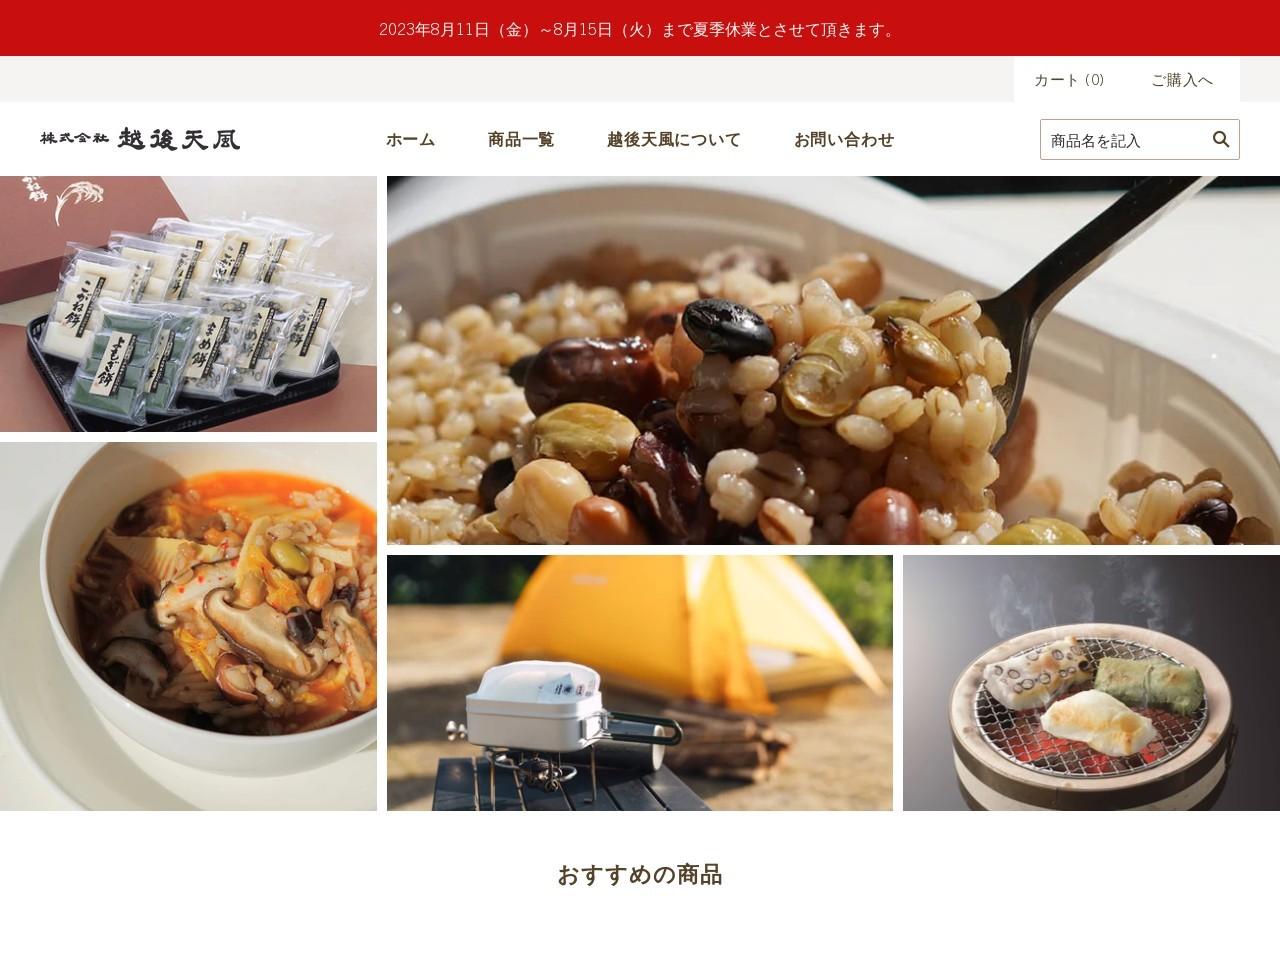 【越後天風】餅・煎餅・パックご飯・土産菓子の通販